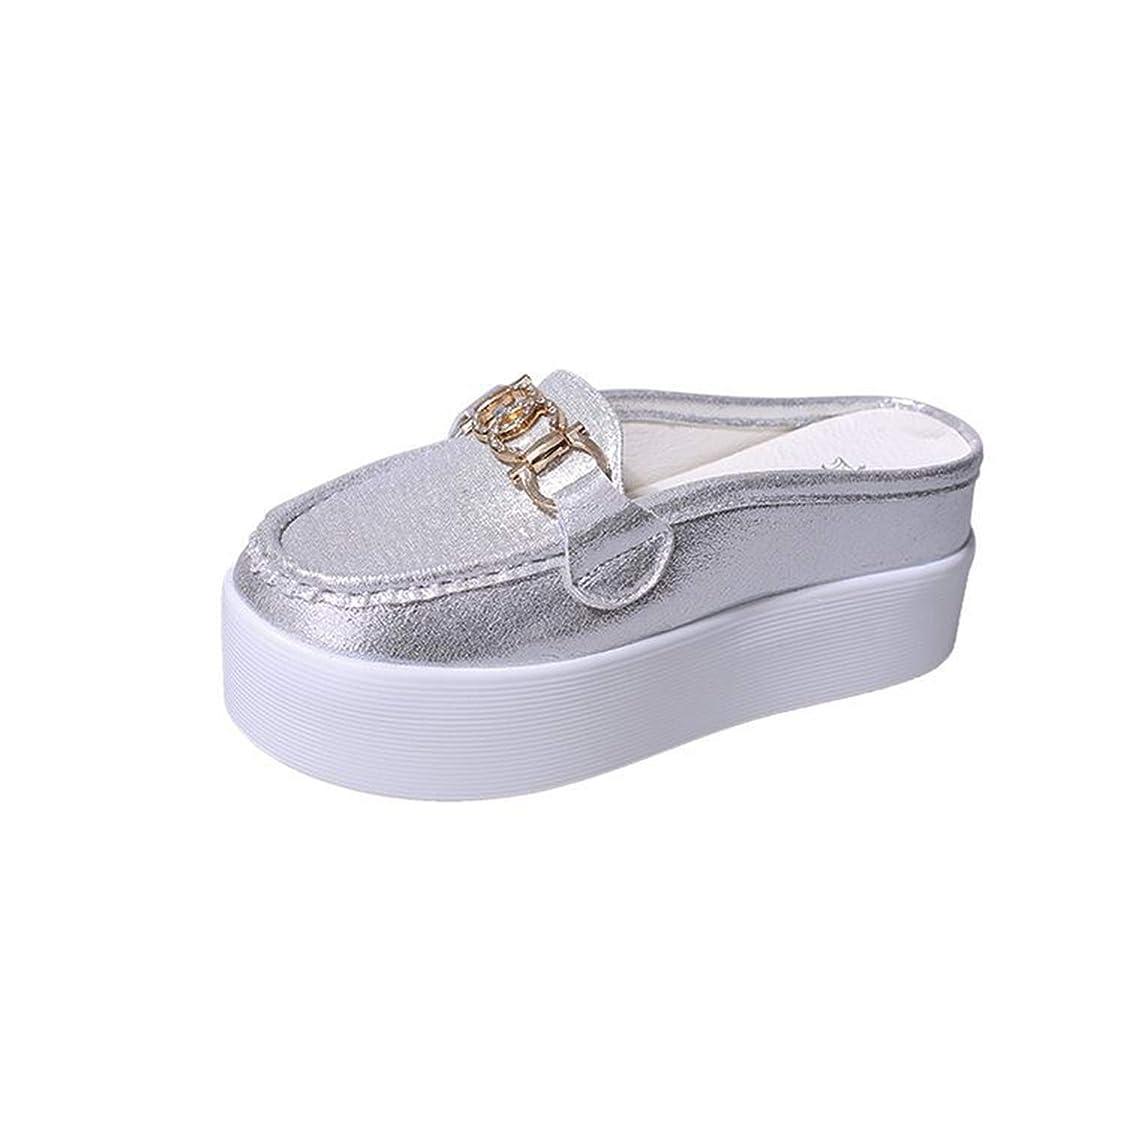 精緻化資金代わりの厚い底半スリッパ女性の春と夏Baotouのかかとのないスポンジケーキスリッパカジュアルシューズと怠惰な靴